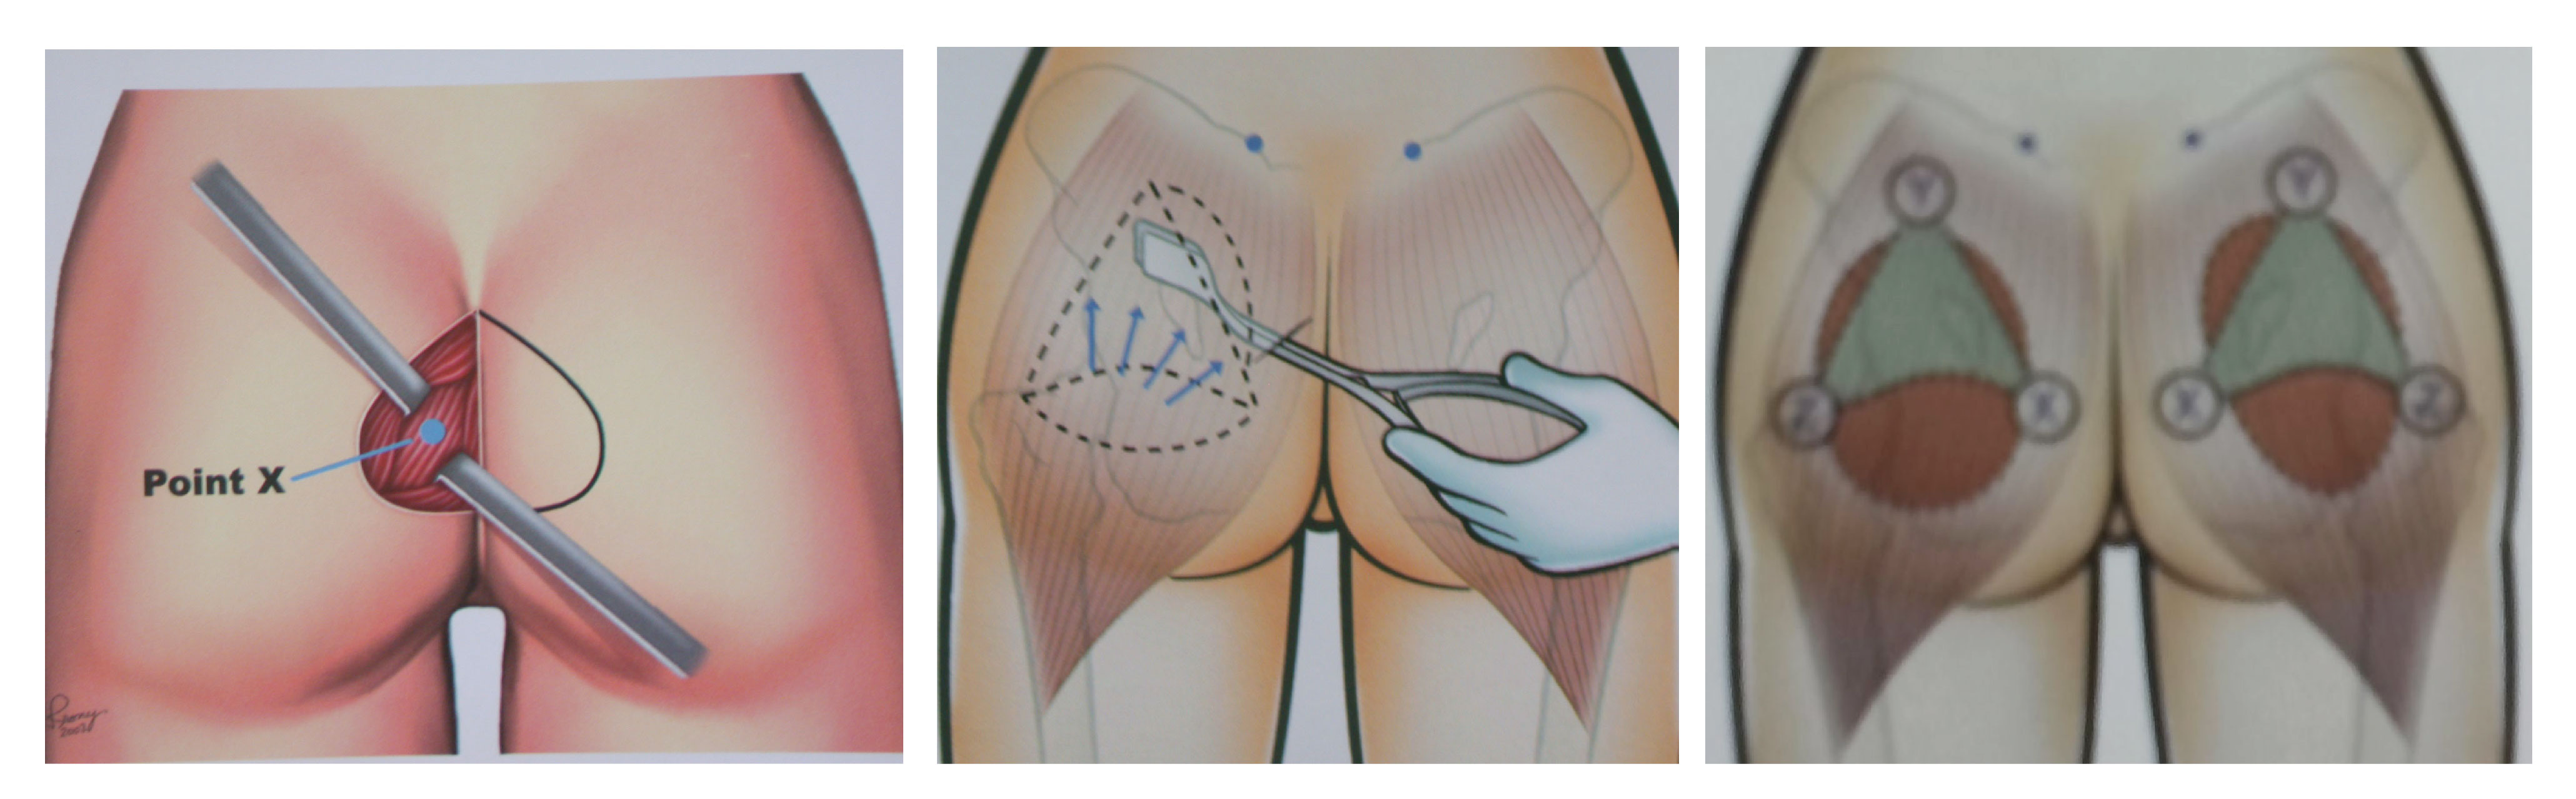 Nâng mông nội soi thì túi độn được đặt ở vị trí nào?2